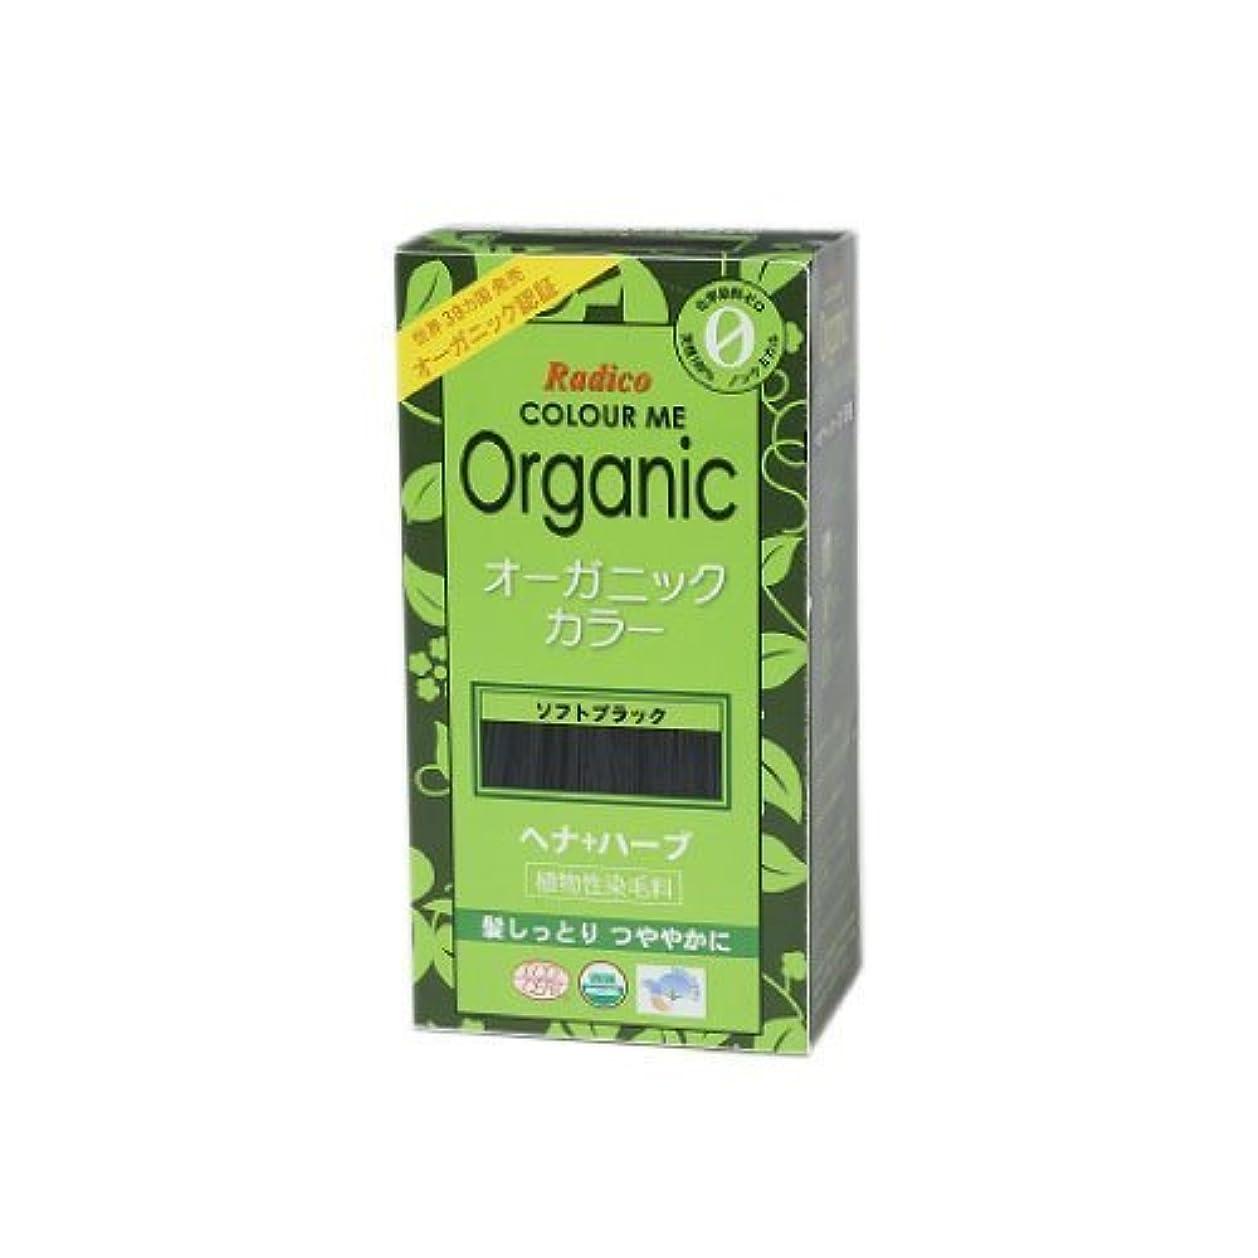 推進、動かすキャンセルブルCOLOURME Organic (カラーミーオーガニック ヘナ 白髪用 髪色戻し) ソフトブラック 100g